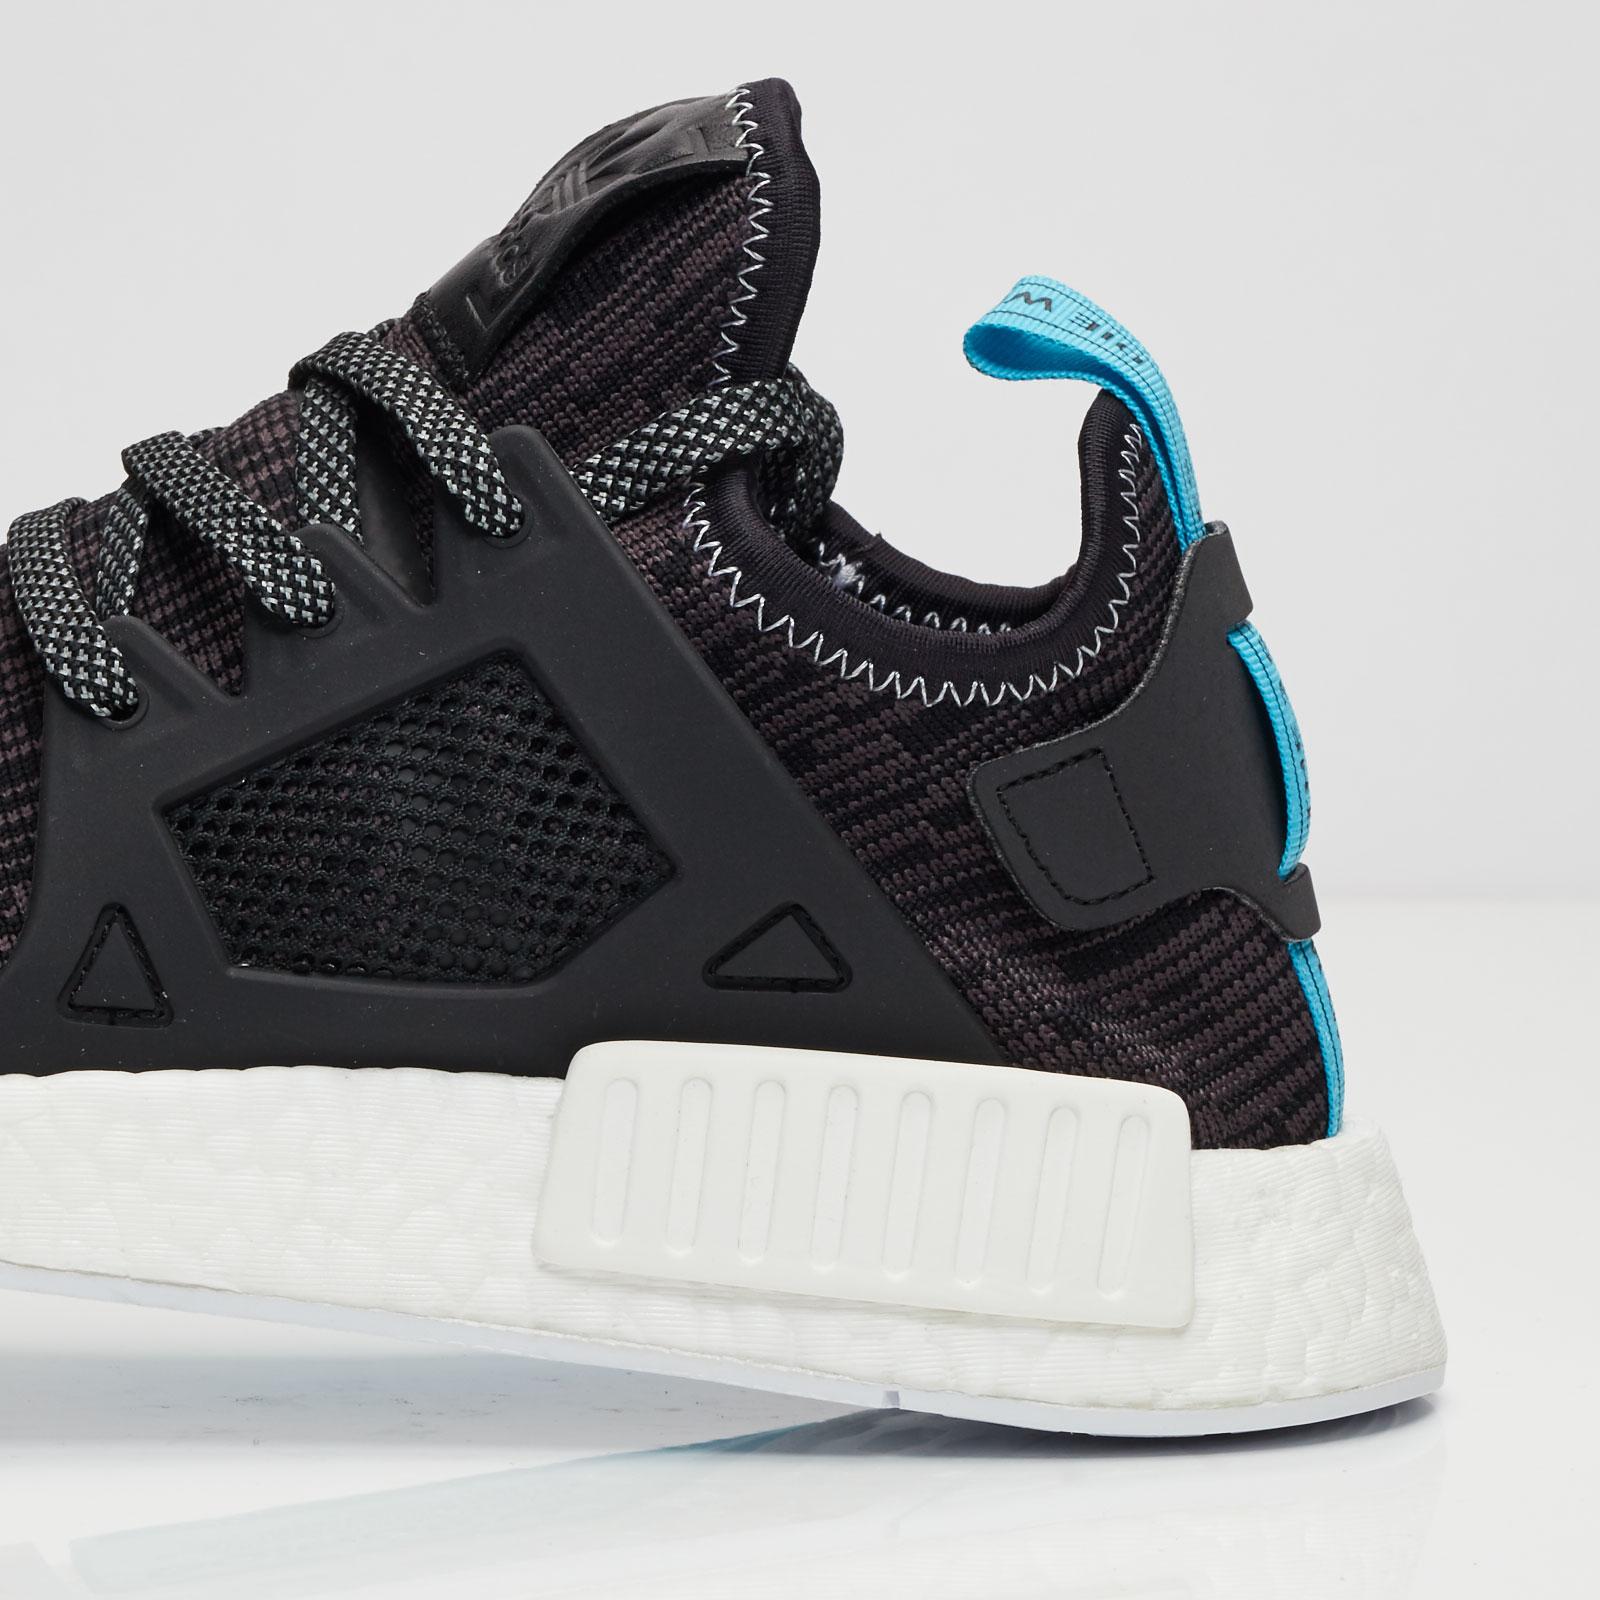 6b8fa7f011878 adidas NMD XR1 PK - S32215 - Sneakersnstuff